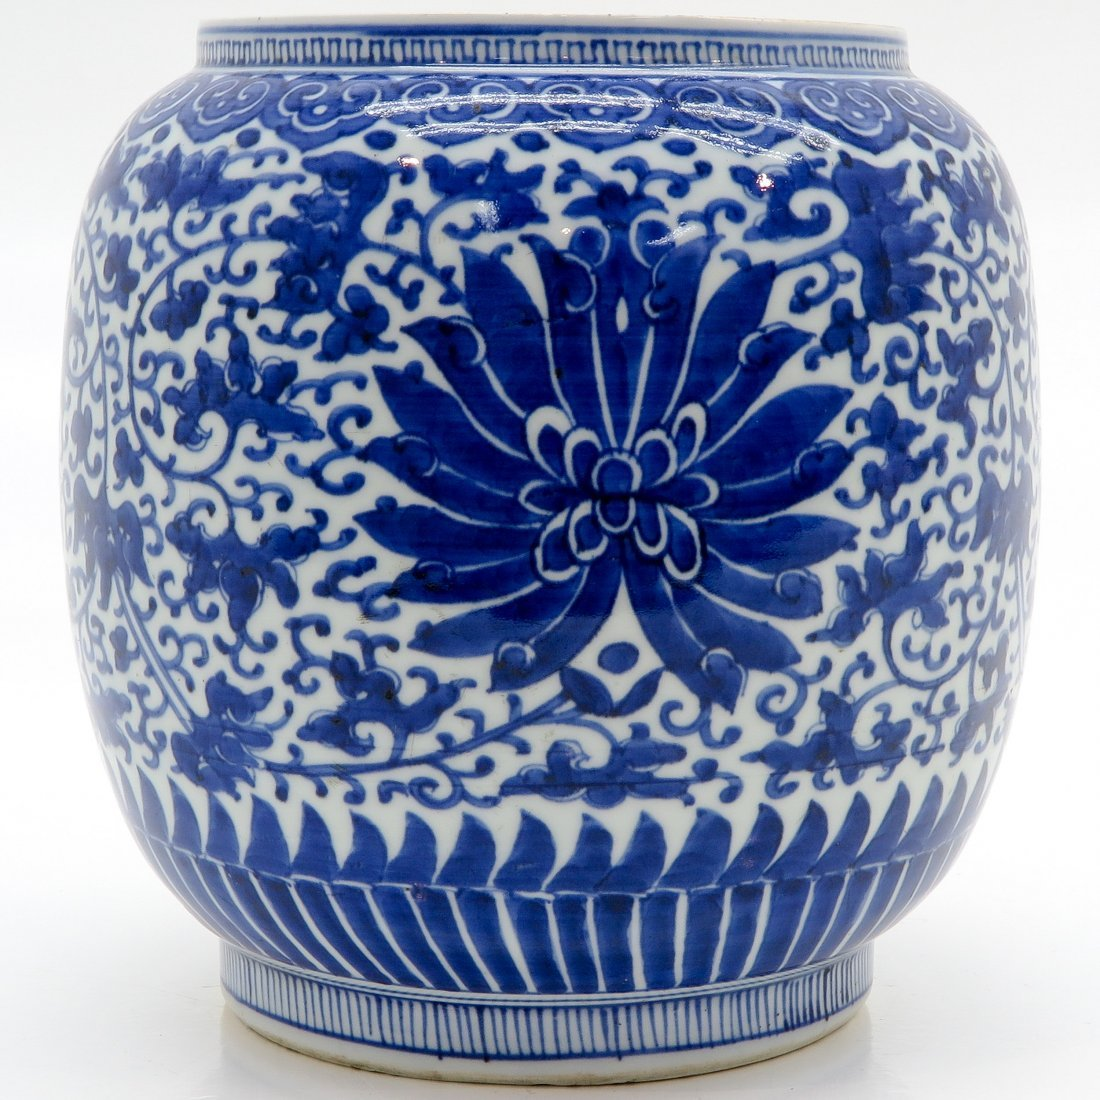 China Porcelain Vase - 4